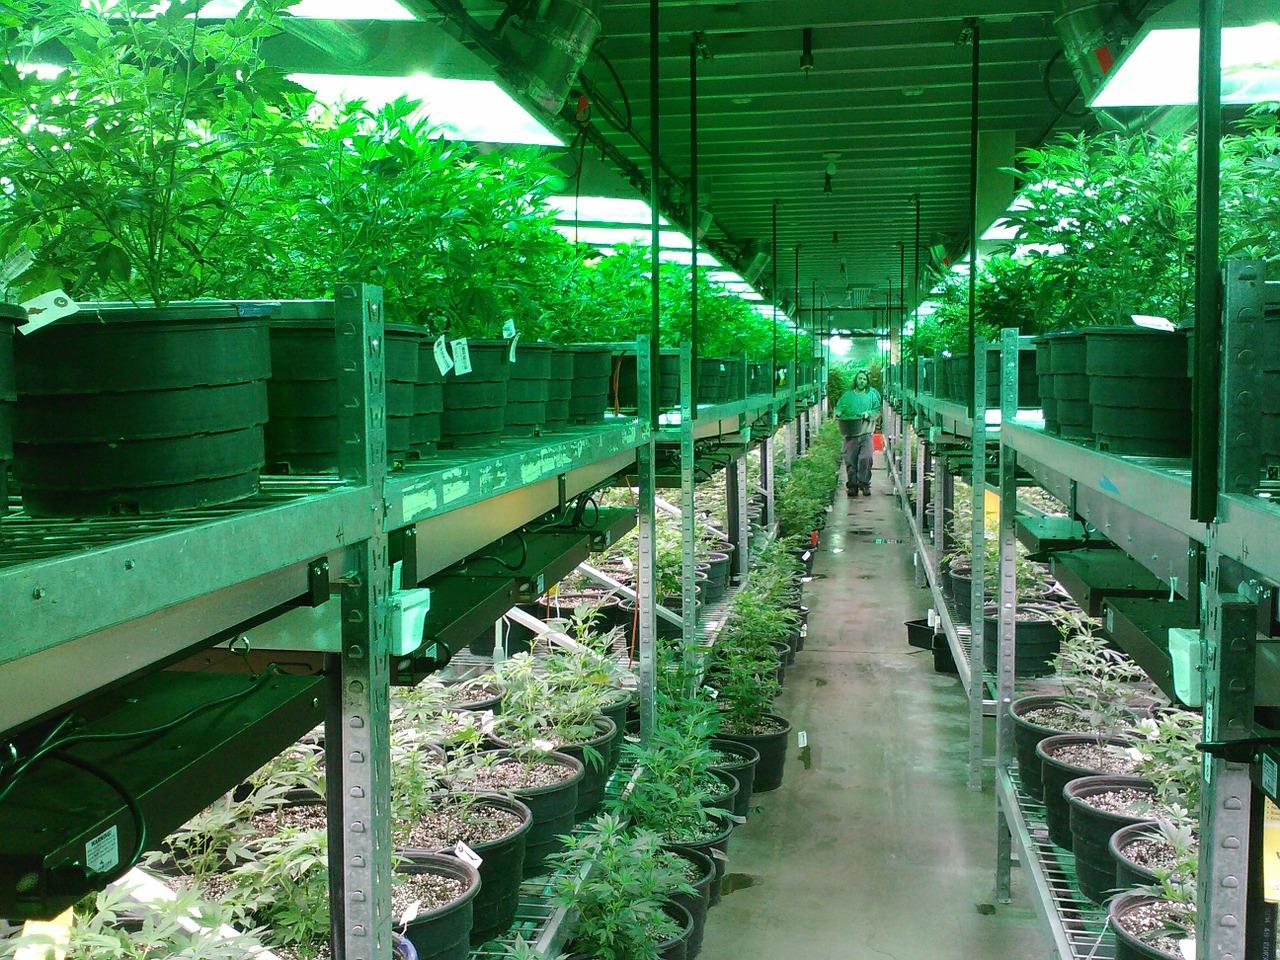 Medical marijuana licensees must obtain business insurance michigan medical marijuana licensees must obtain business insurance xflitez Image collections